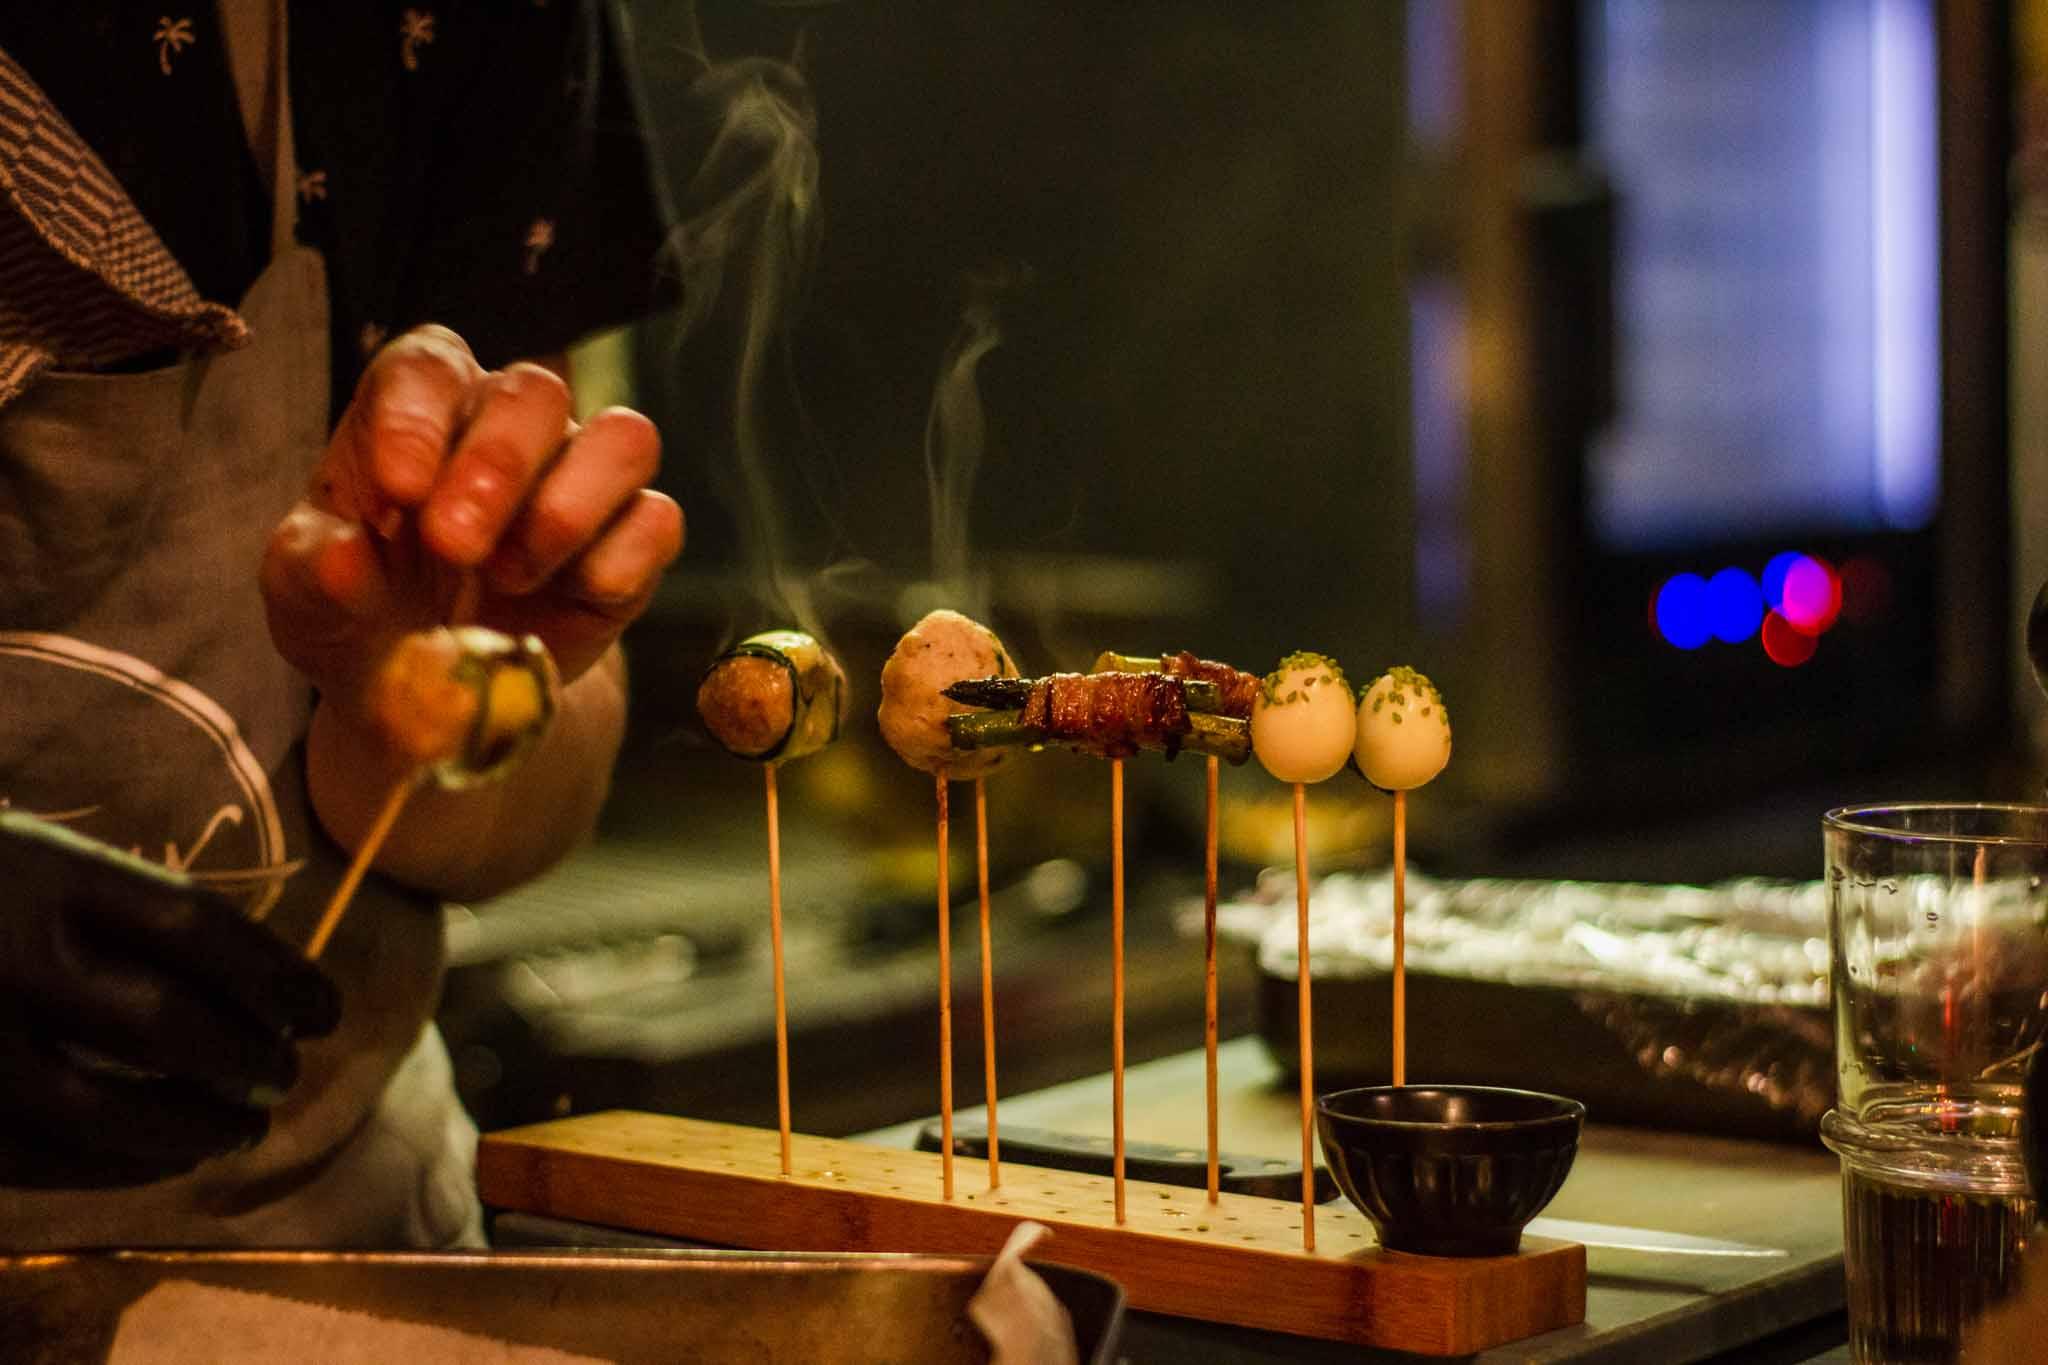 Chef preparing Thai dish